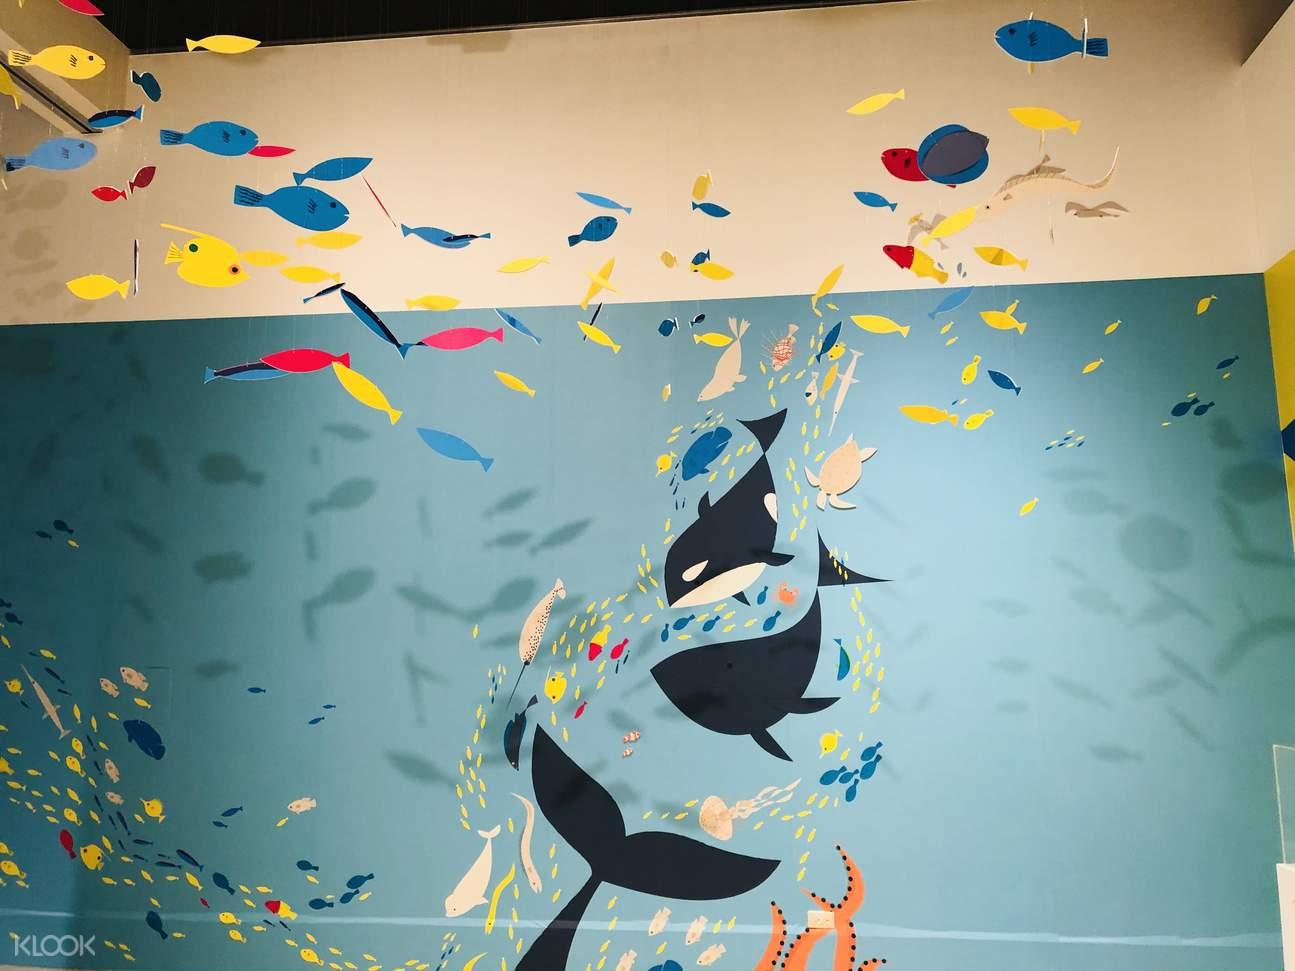 丹麥藝術家HuskMitNavn用一張紙和一隻筆,透過簡單的摺、捲、撕等步驟,創造出「類3D」的互動式作品;豐富有趣的畫面將藝術家天馬行空、遨遊無邊無界的自由想像展現得淋漓盡致。